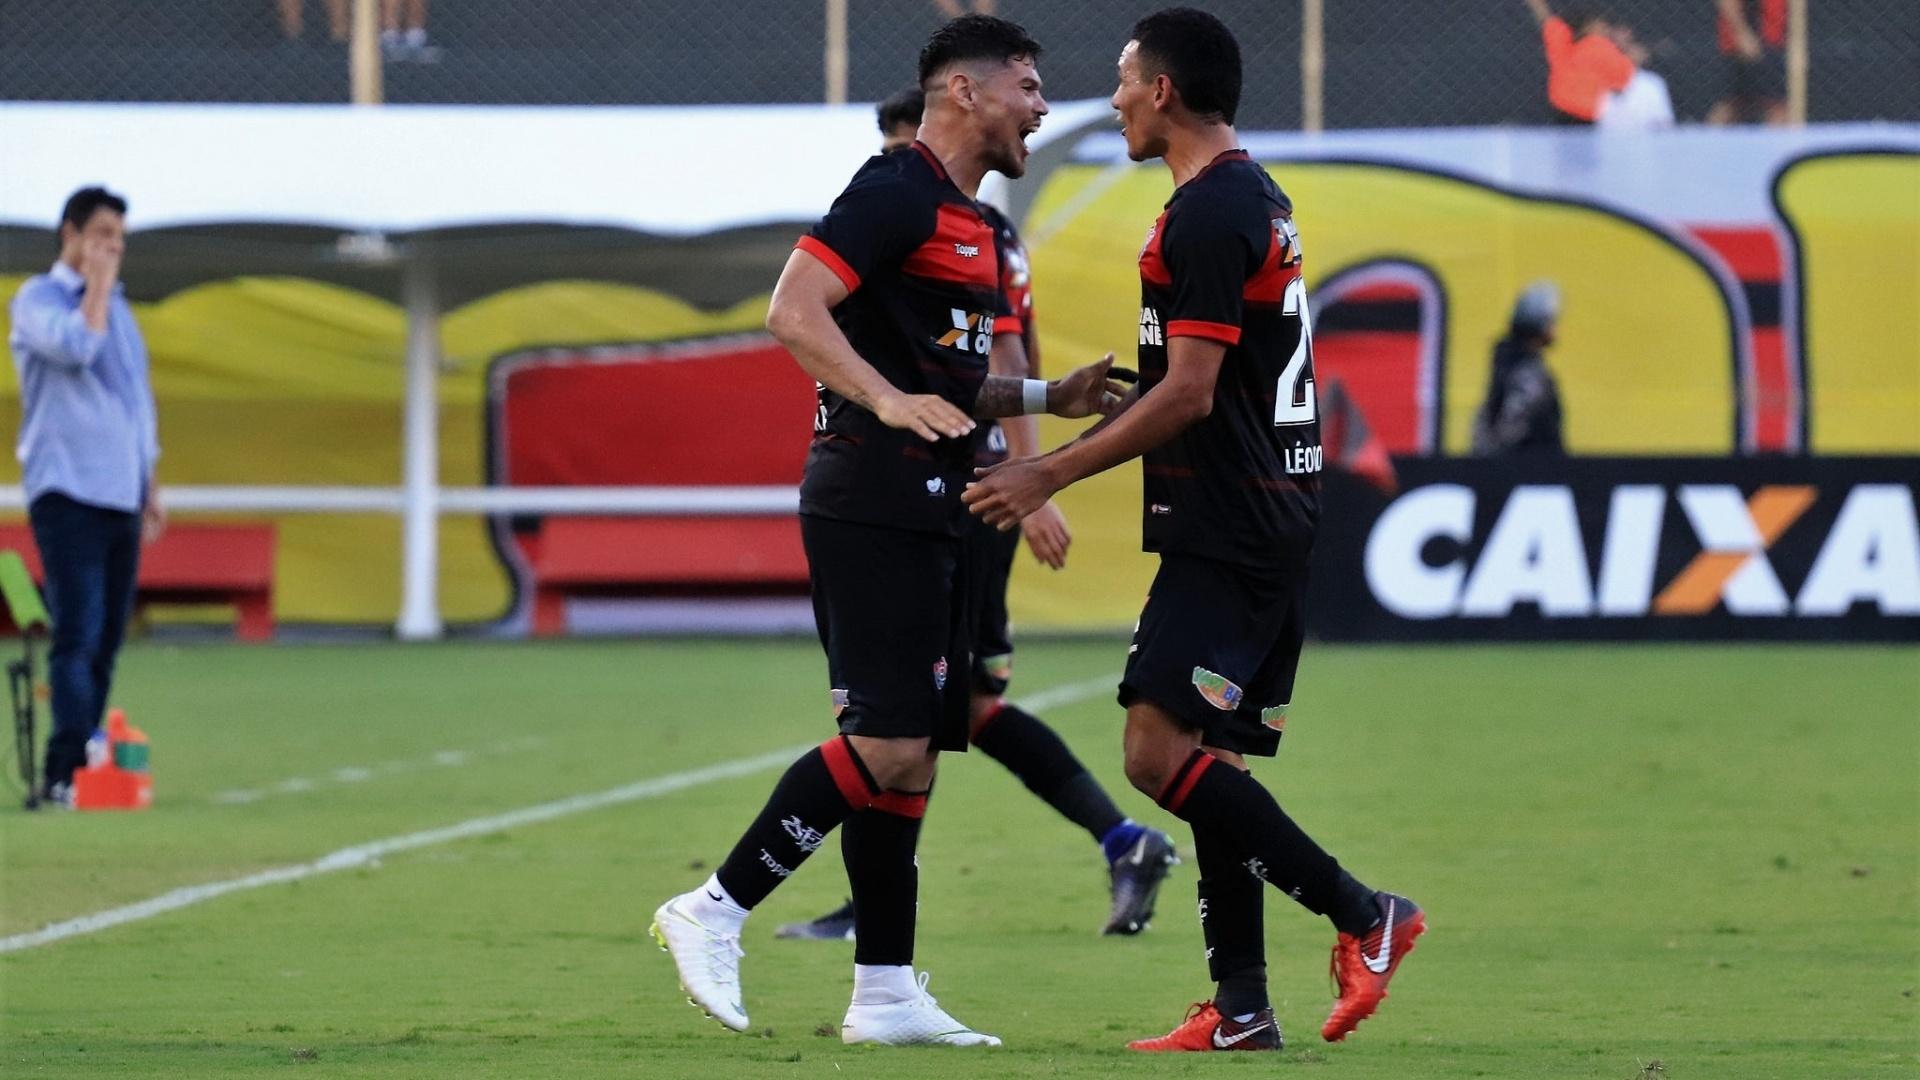 Léo Ceará comemora após marcar pelo Vitória contra o América-MG